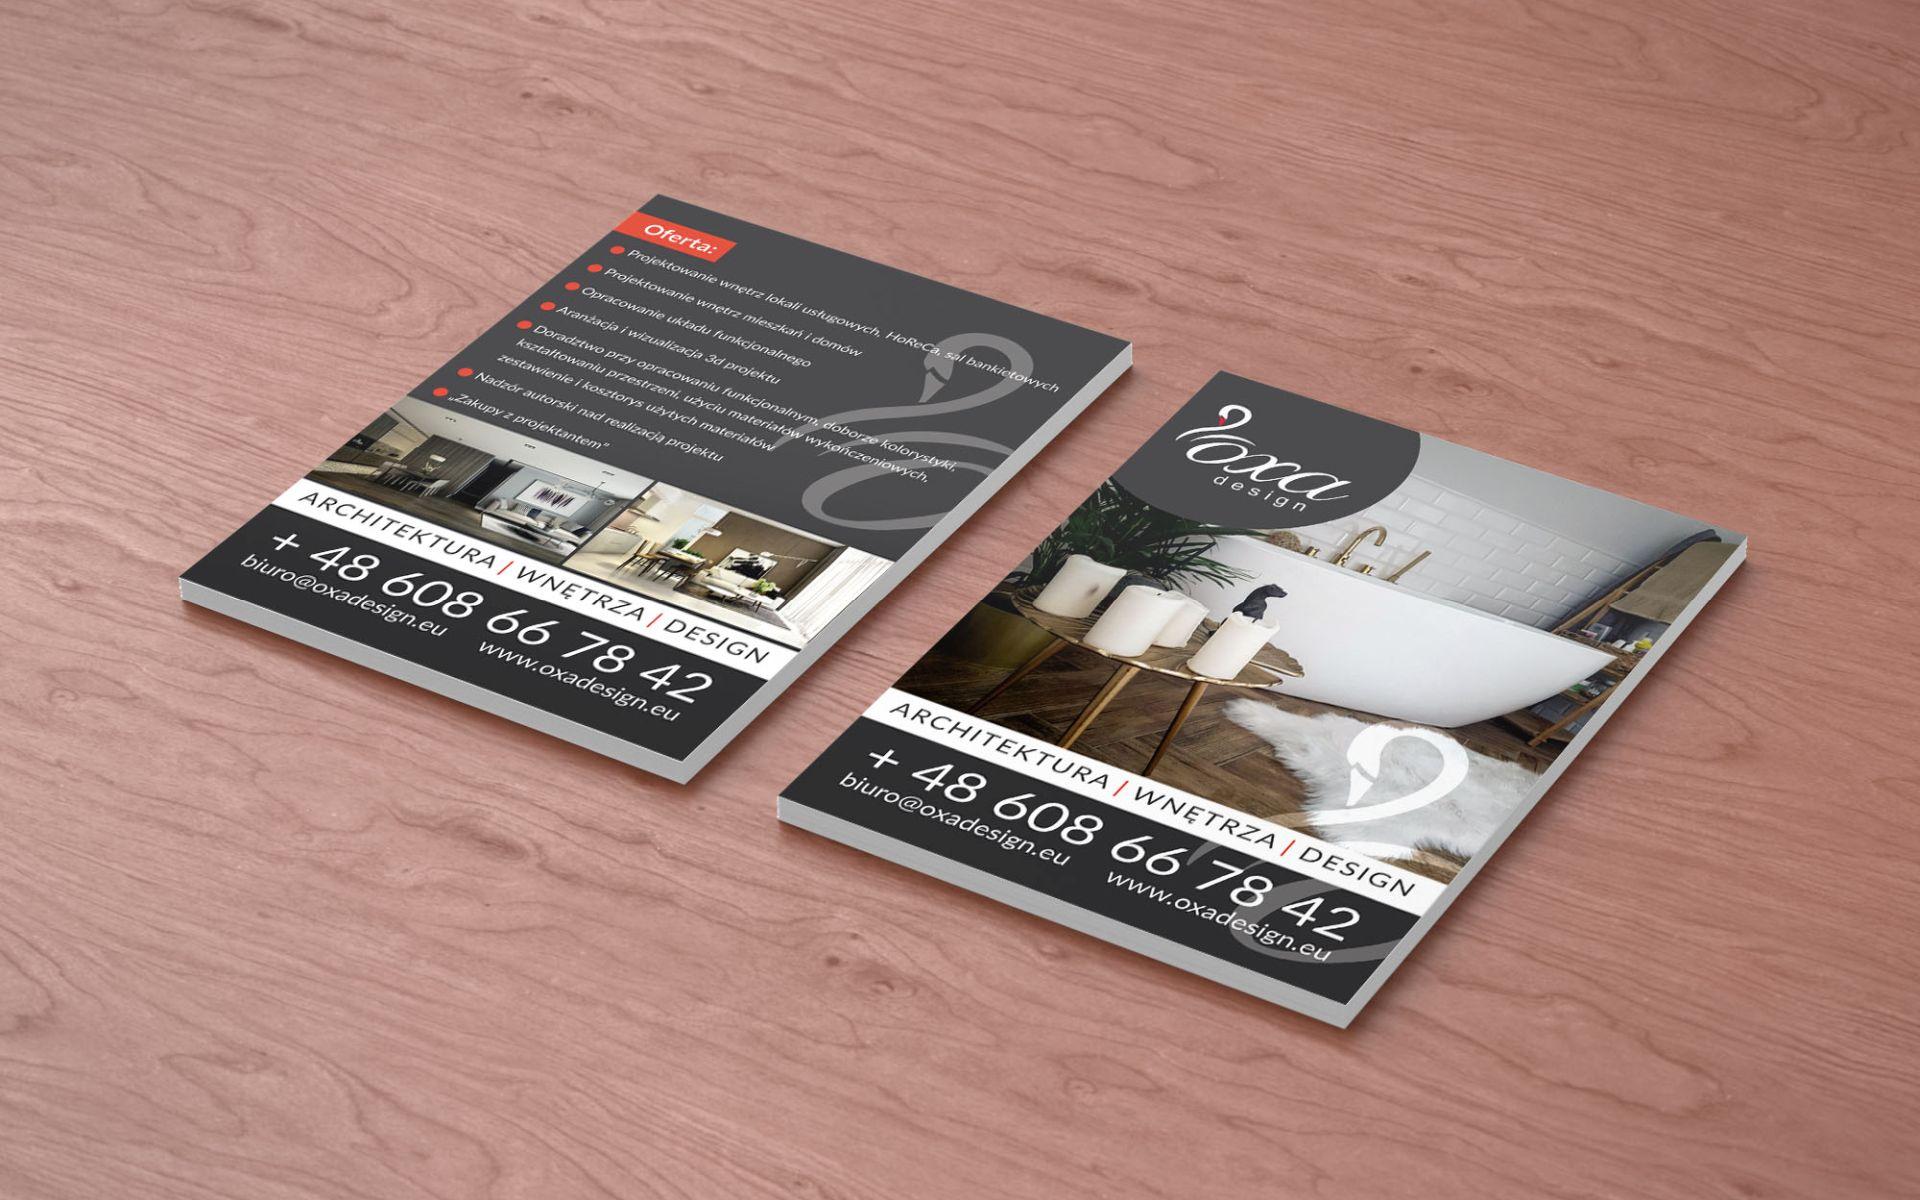 Wykonanie ulotek dla Oxa Design